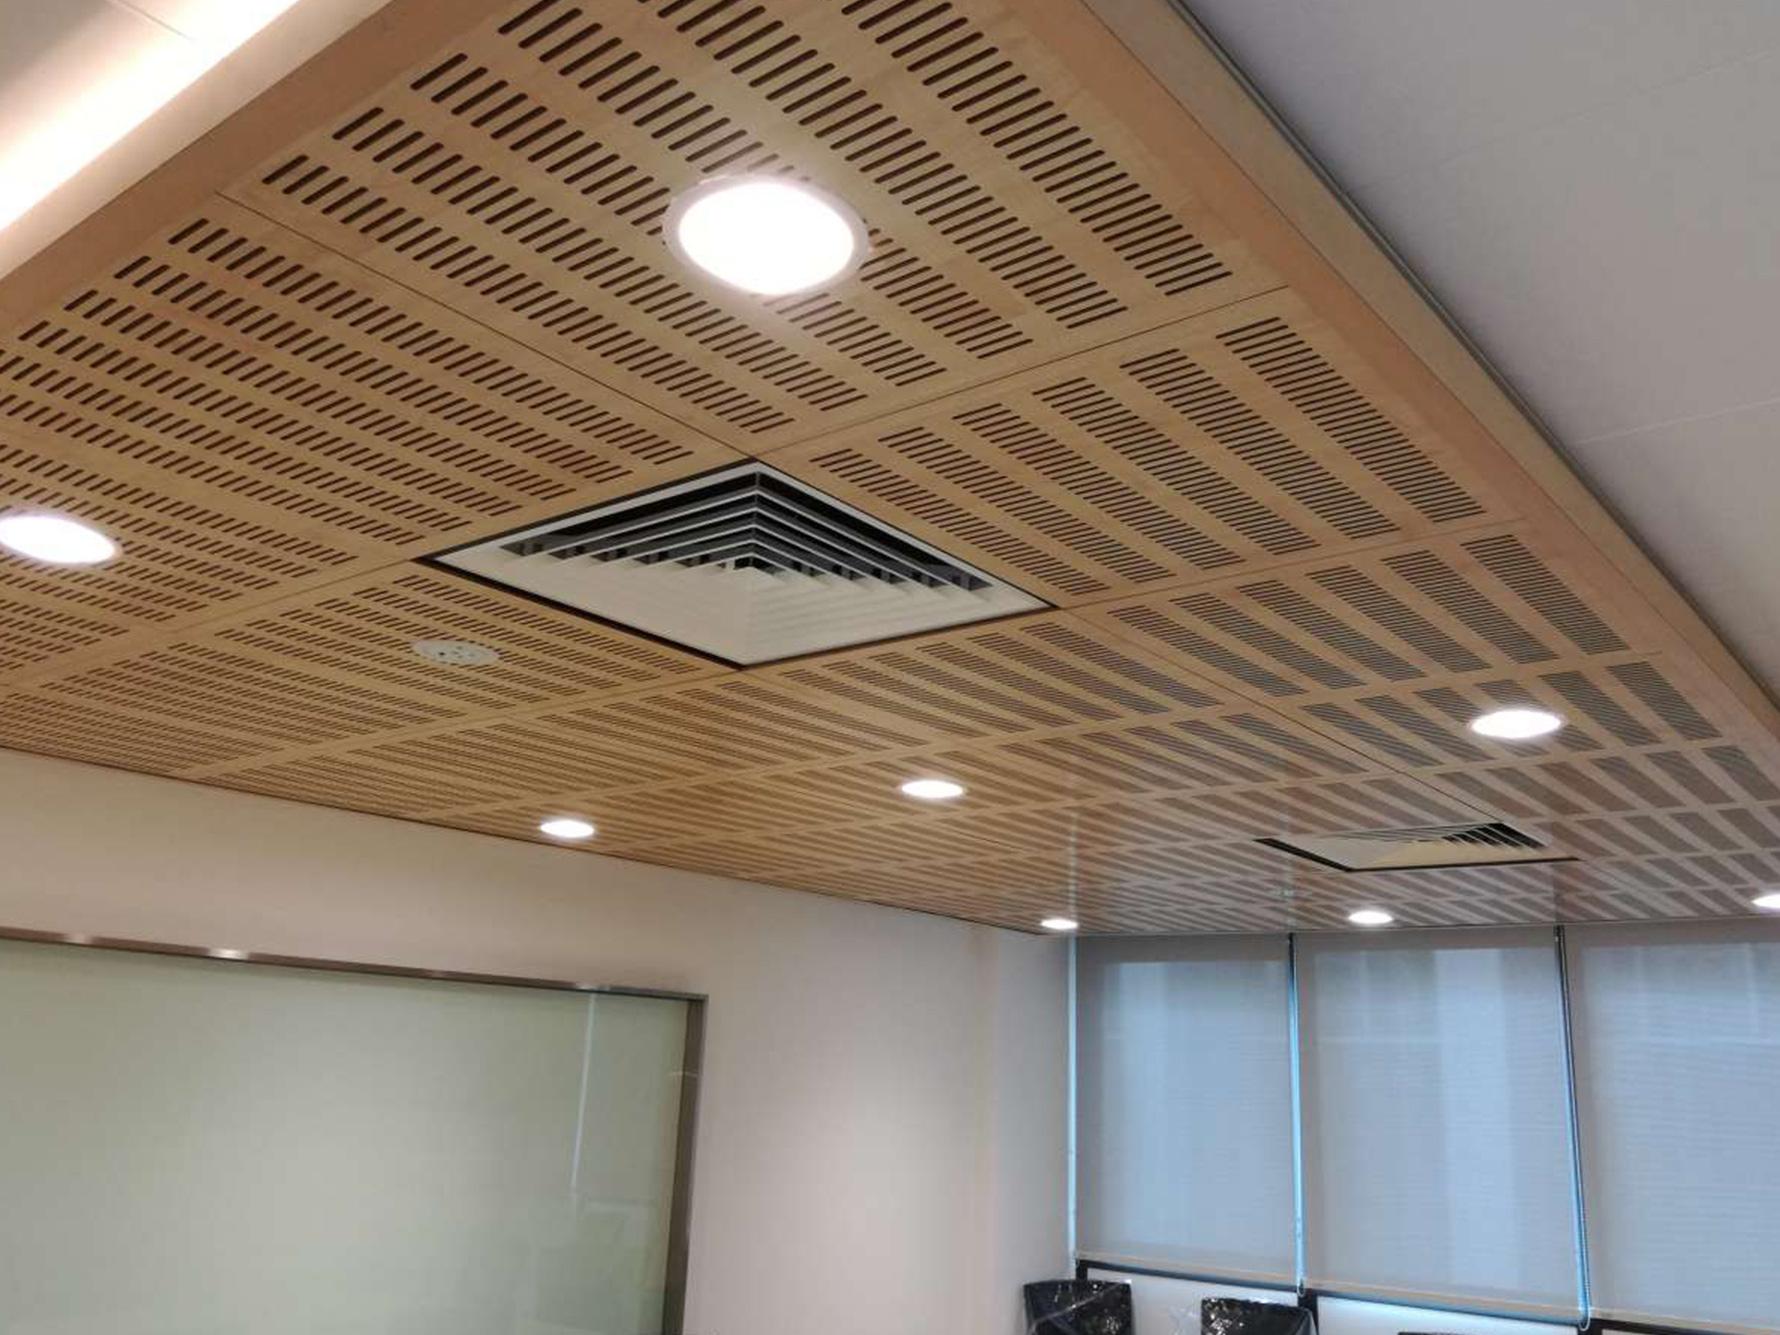 El mejor acondicionamiento acústico para tus techos. Proteger del ruido